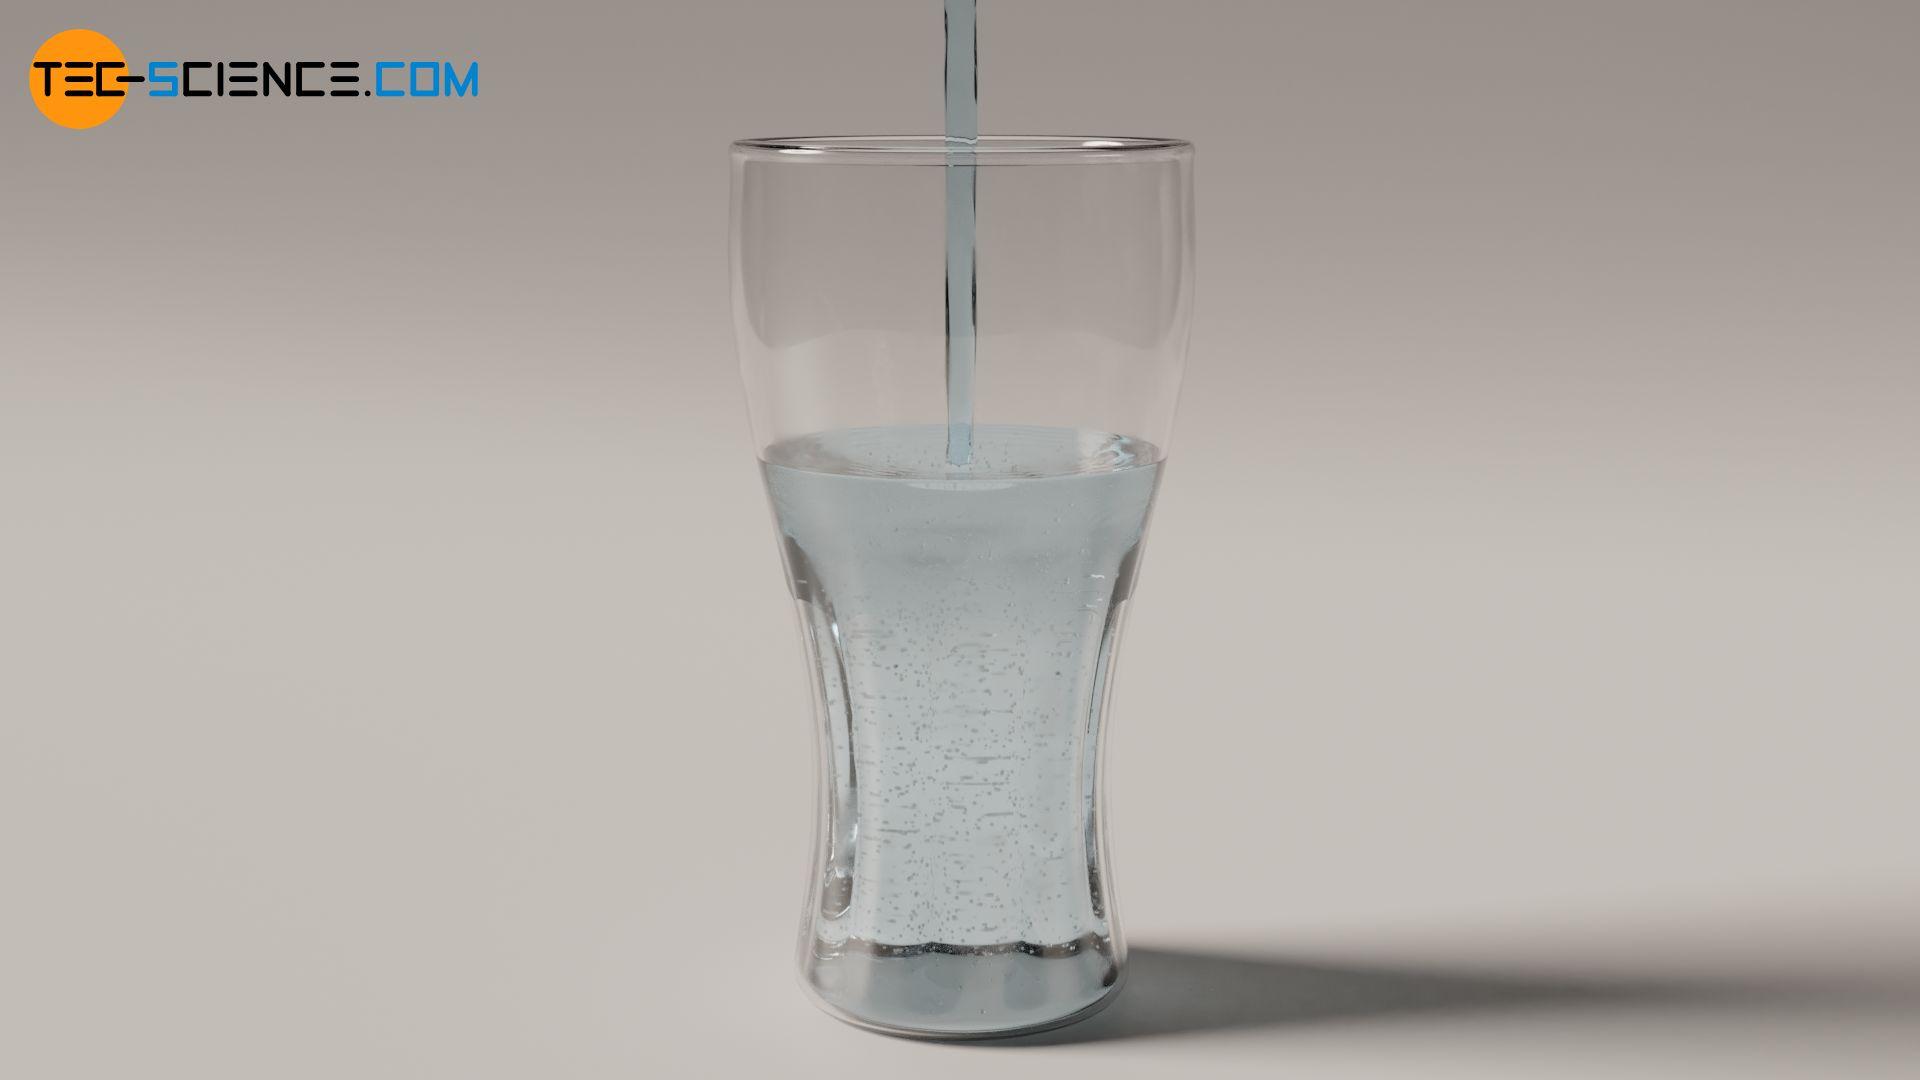 Eingießen von heißem Wasser in ein kaltes Glas